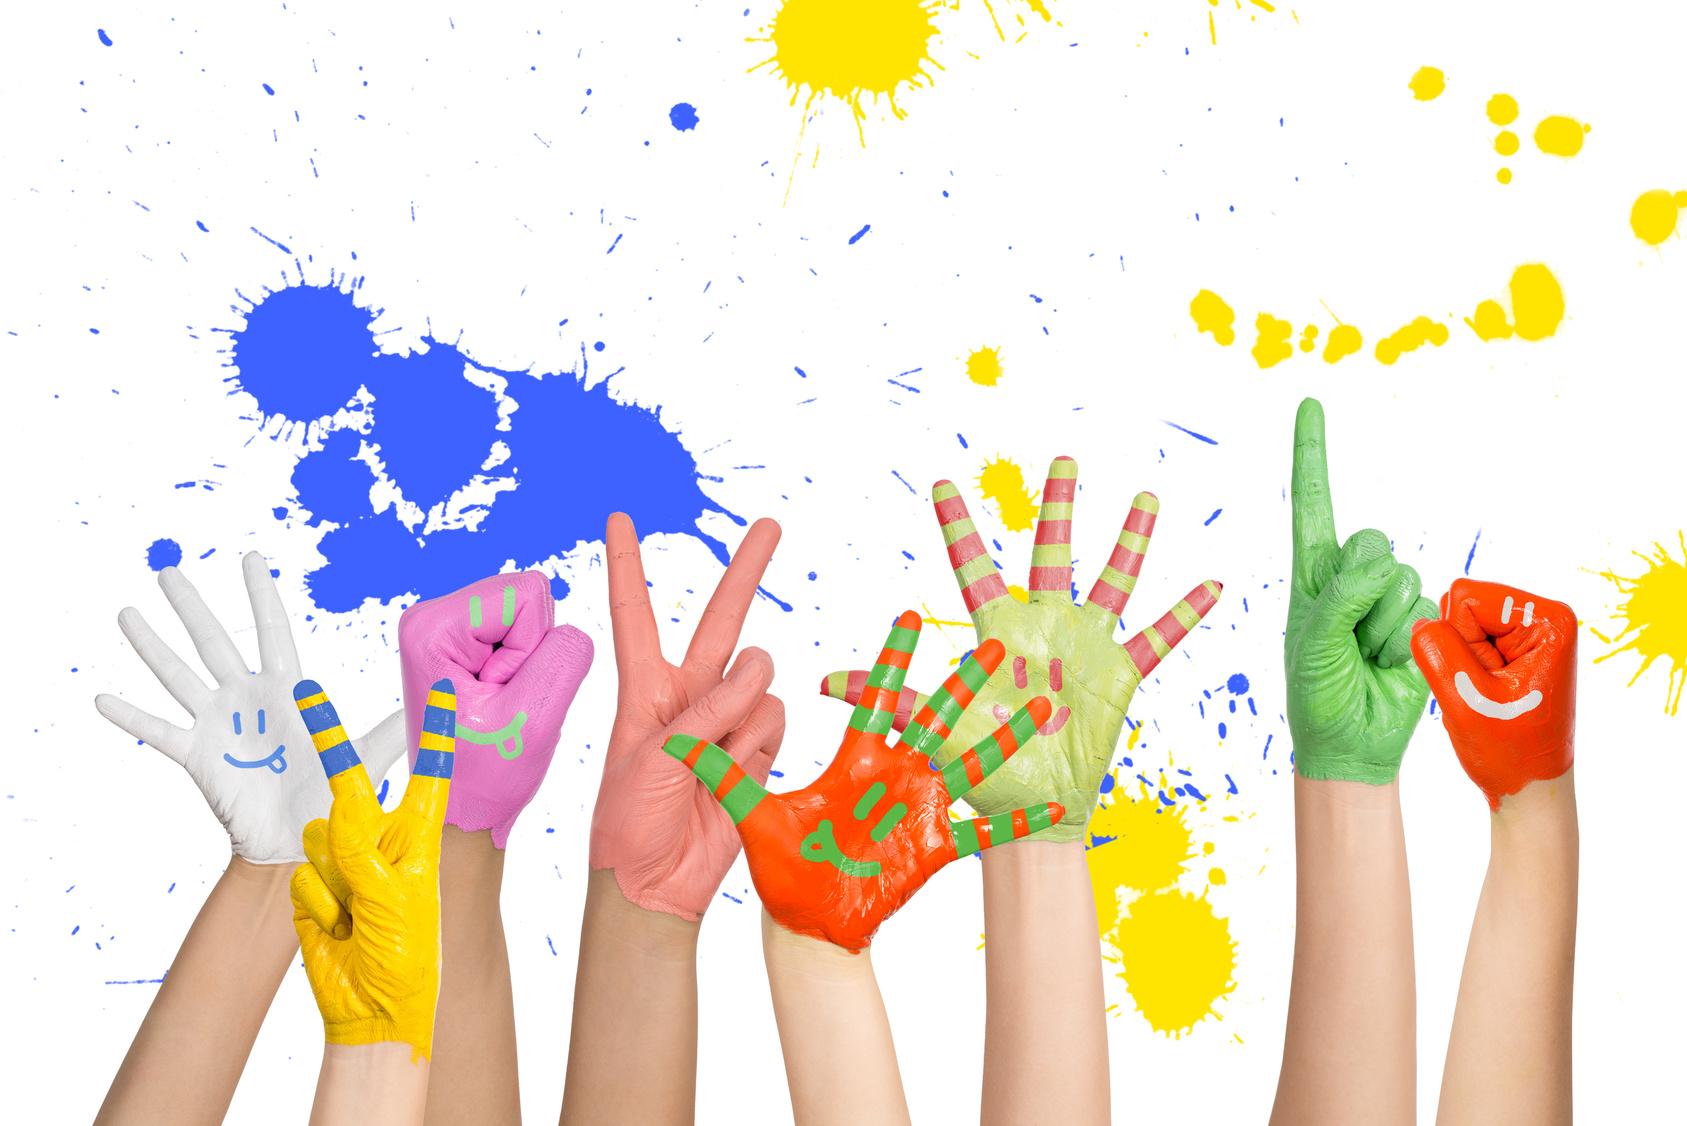 Amato Bambini ad Arte - Notizie Scuola WL07